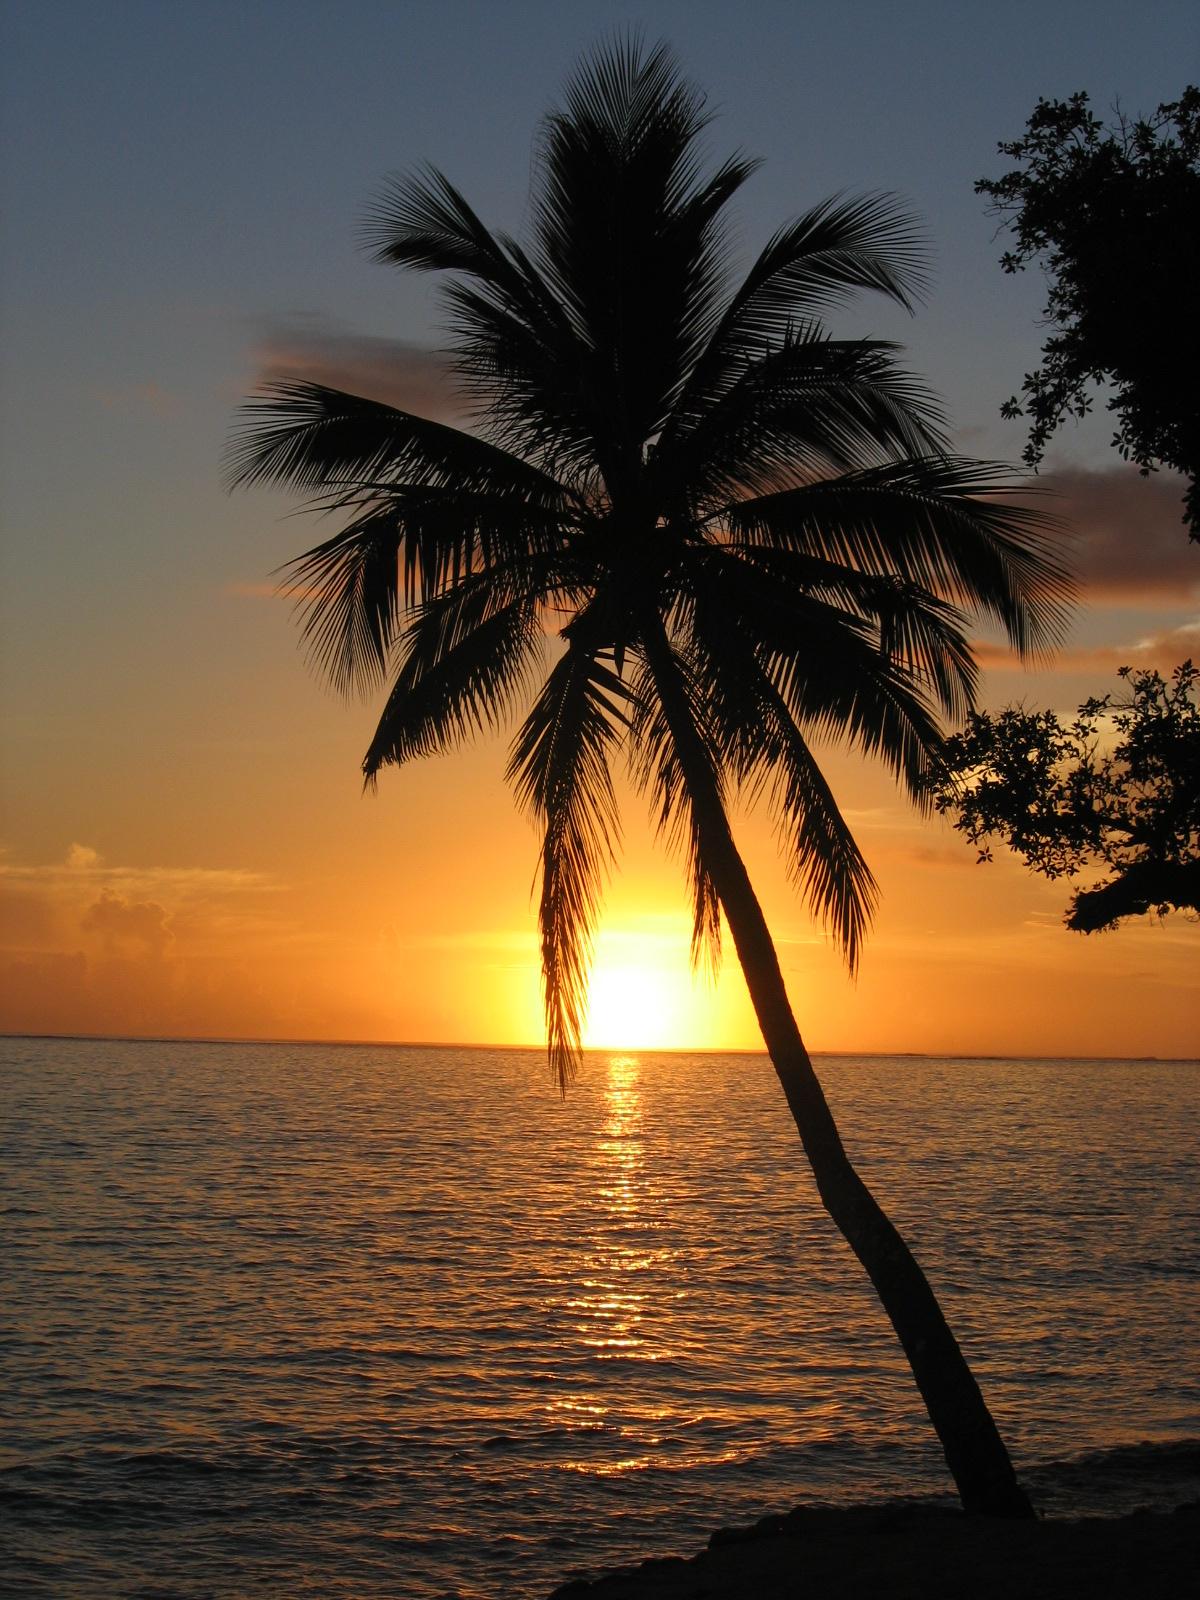 Caribbean Sunset Desktop Backgrounds for HD Wallpaper wall 1200x1600